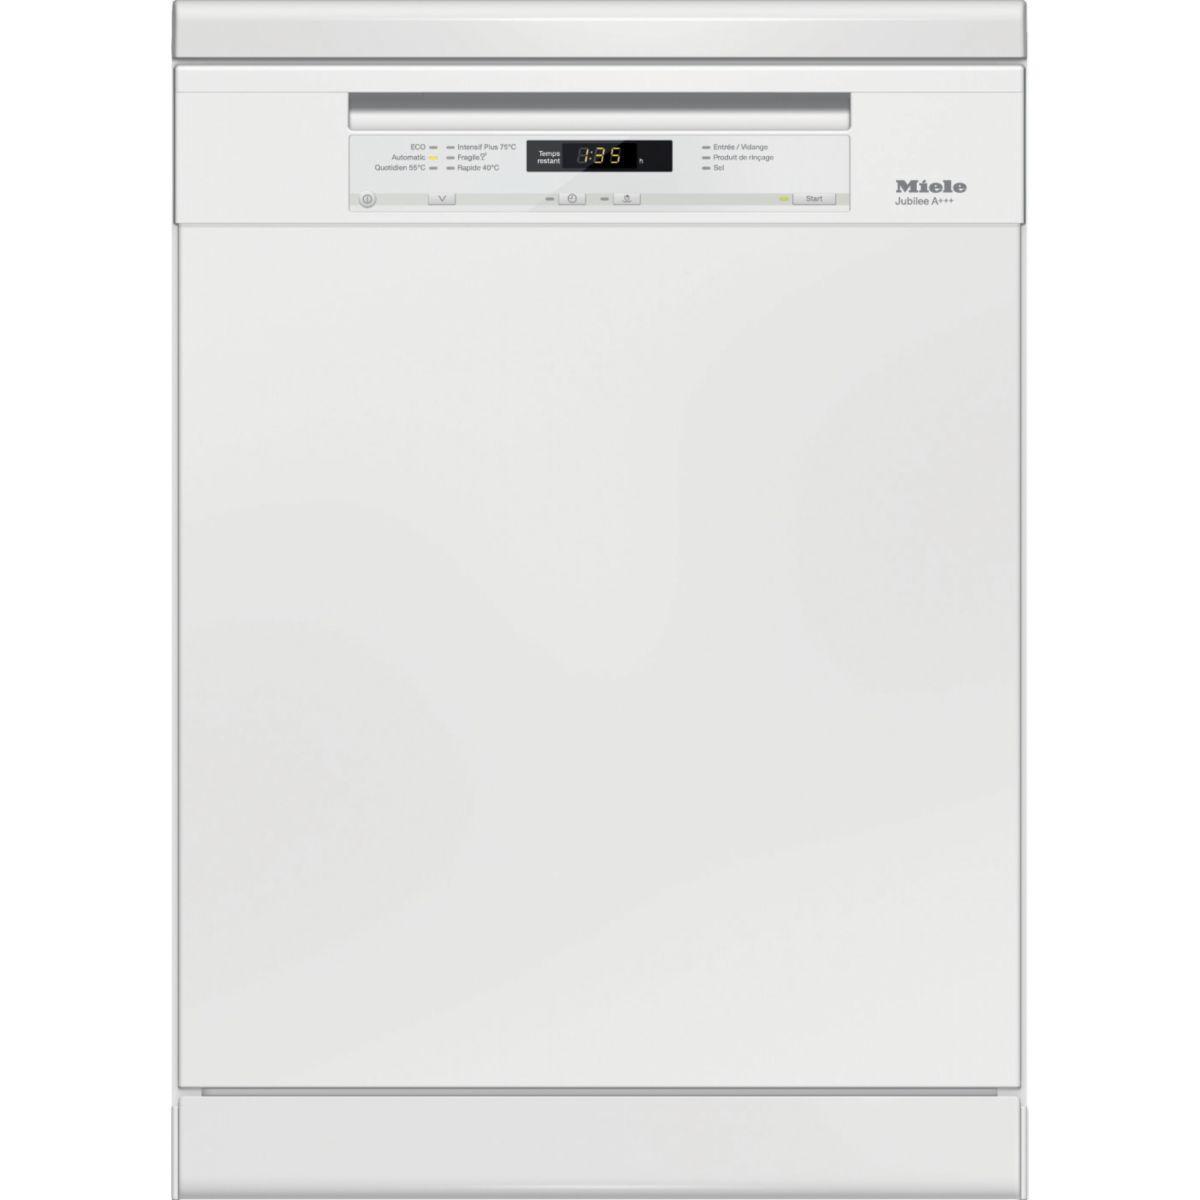 Lave-vaisselle 60cm MIELE G 6000SC Jubilee (photo)